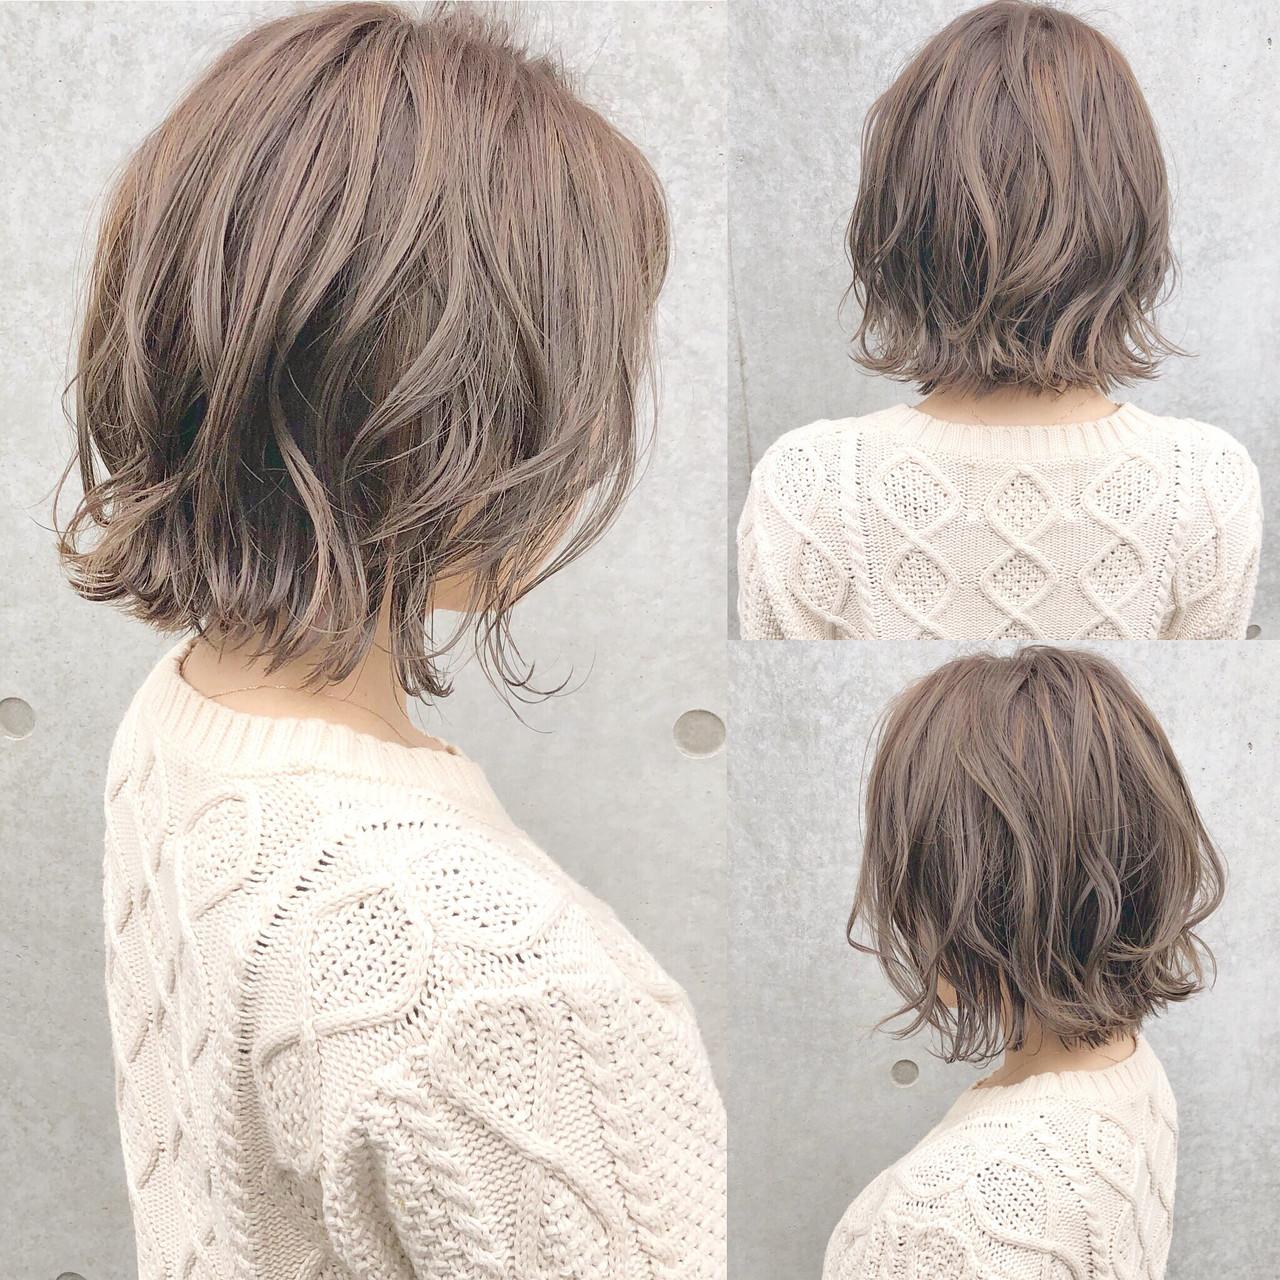 ボブ ナチュラル 簡単ヘアアレンジ デート ヘアスタイルや髪型の写真・画像